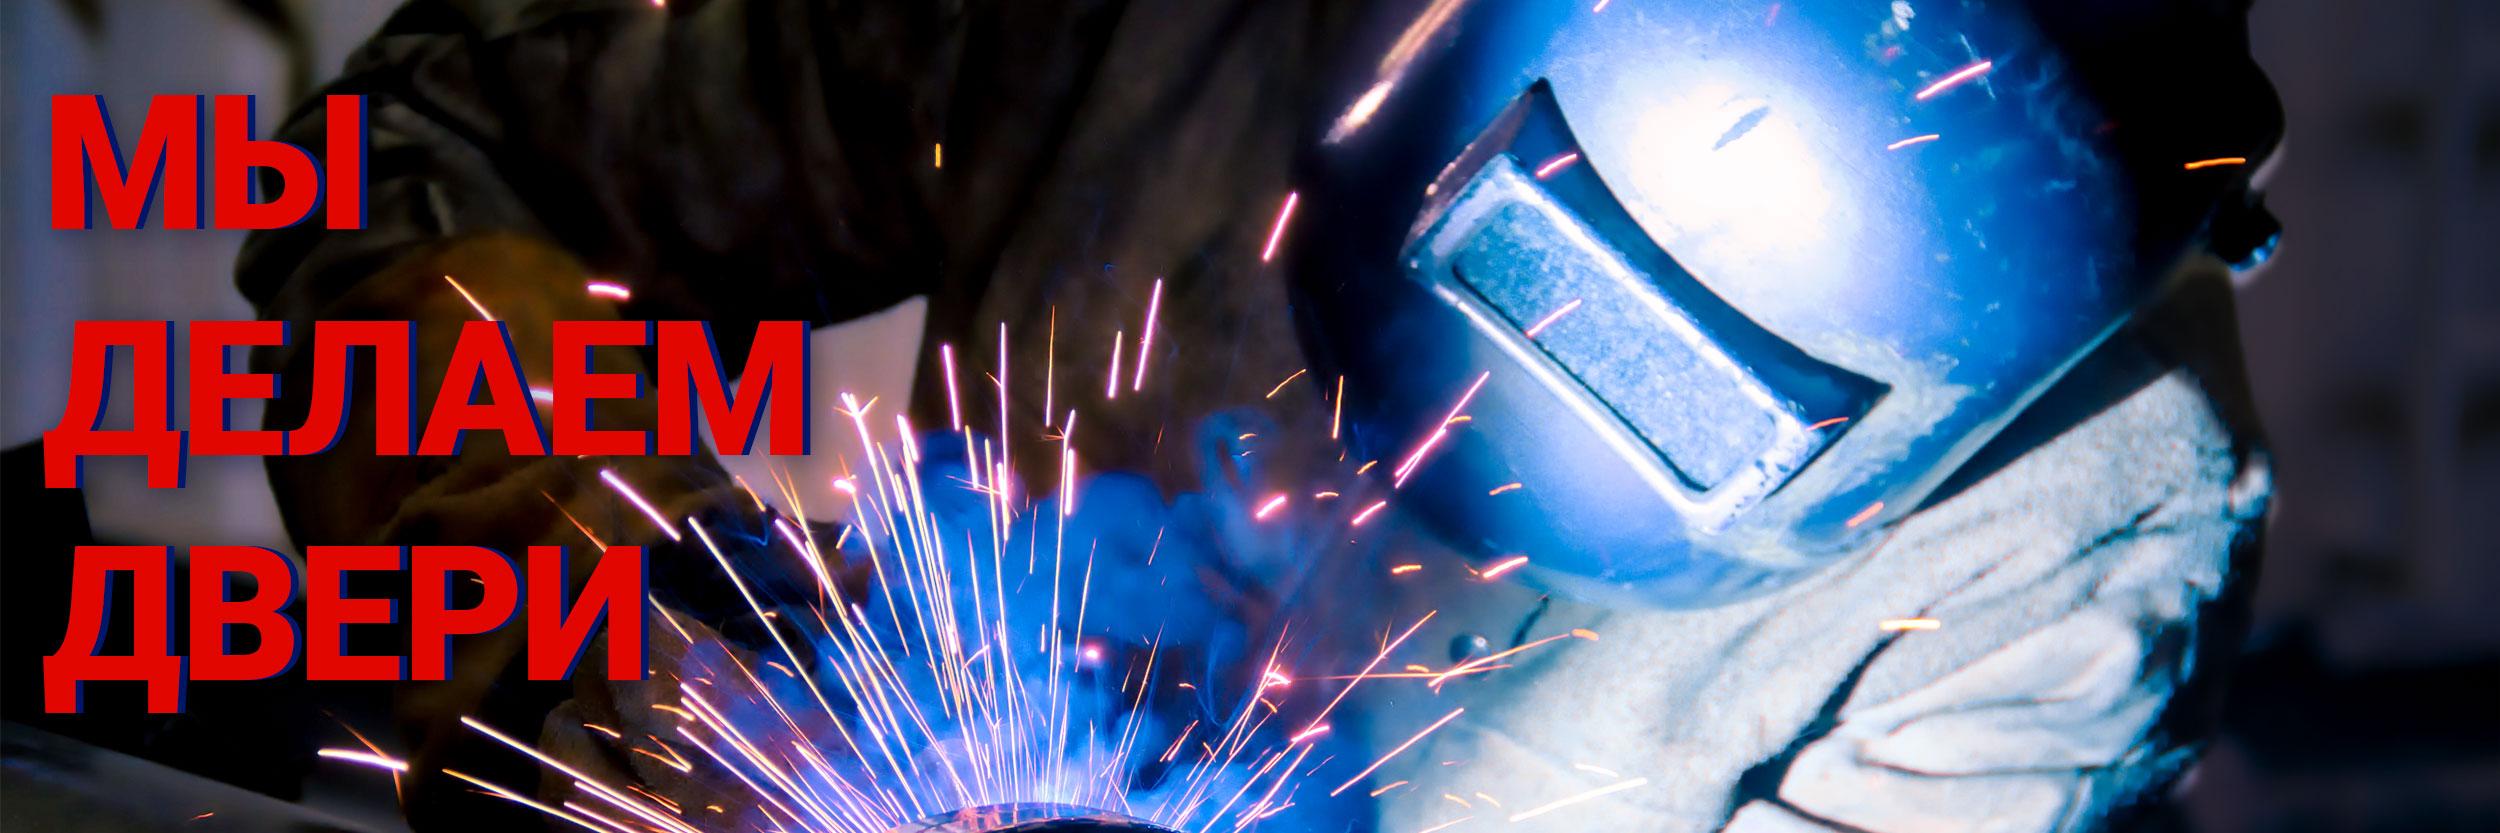 ДВЕРИГИРАНТ купить стальные двери от производителя в Липецке